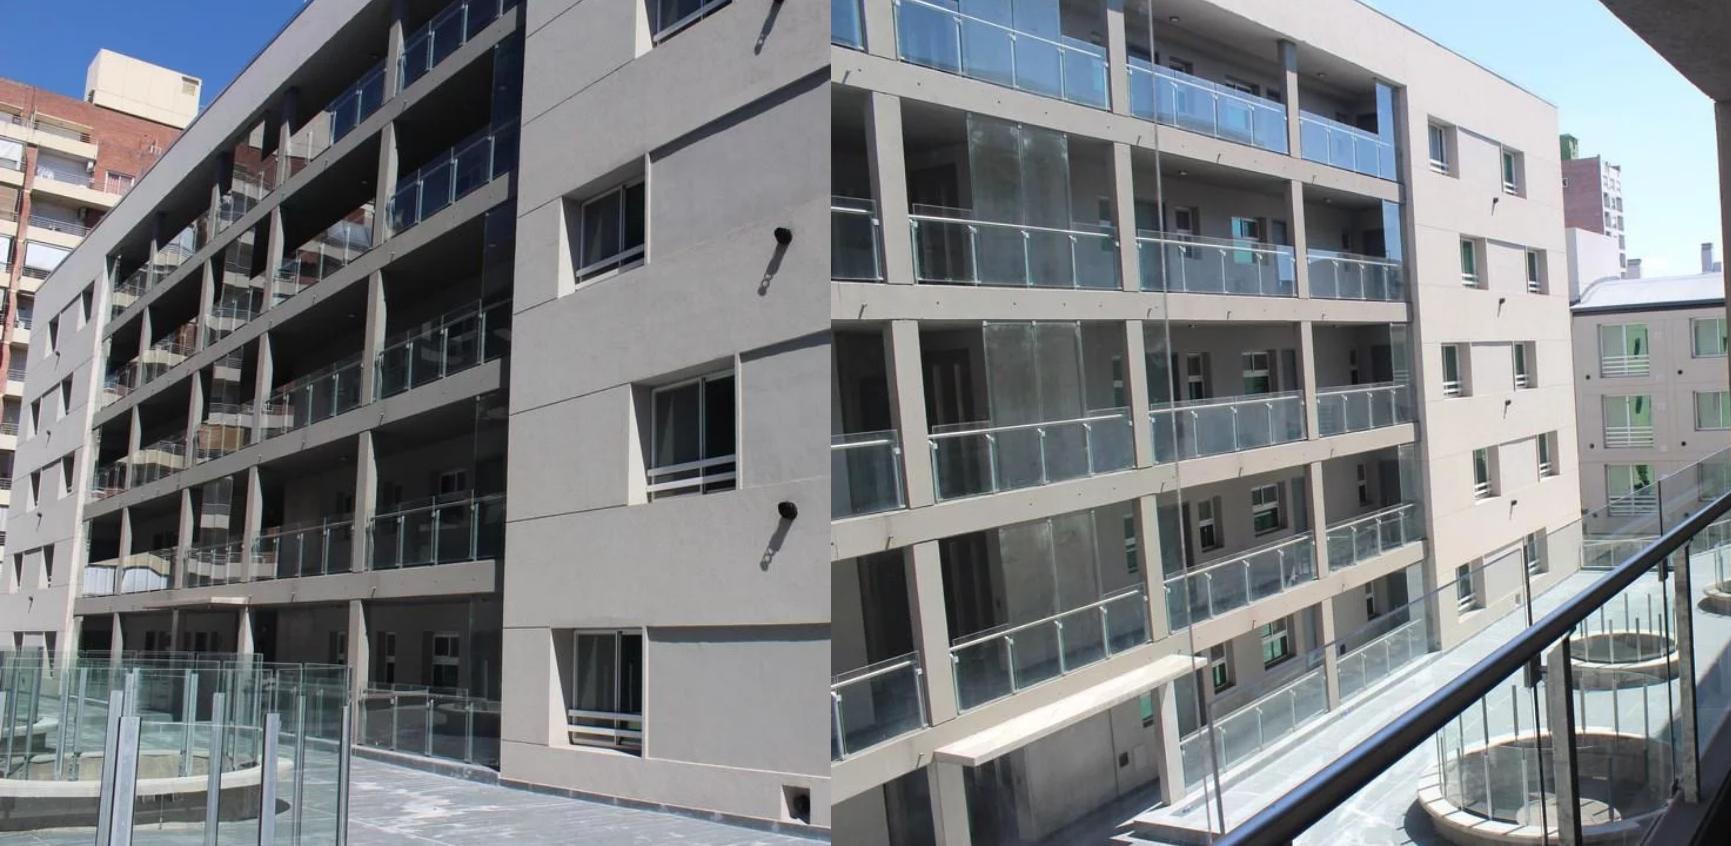 Condominios Roca - Rosario